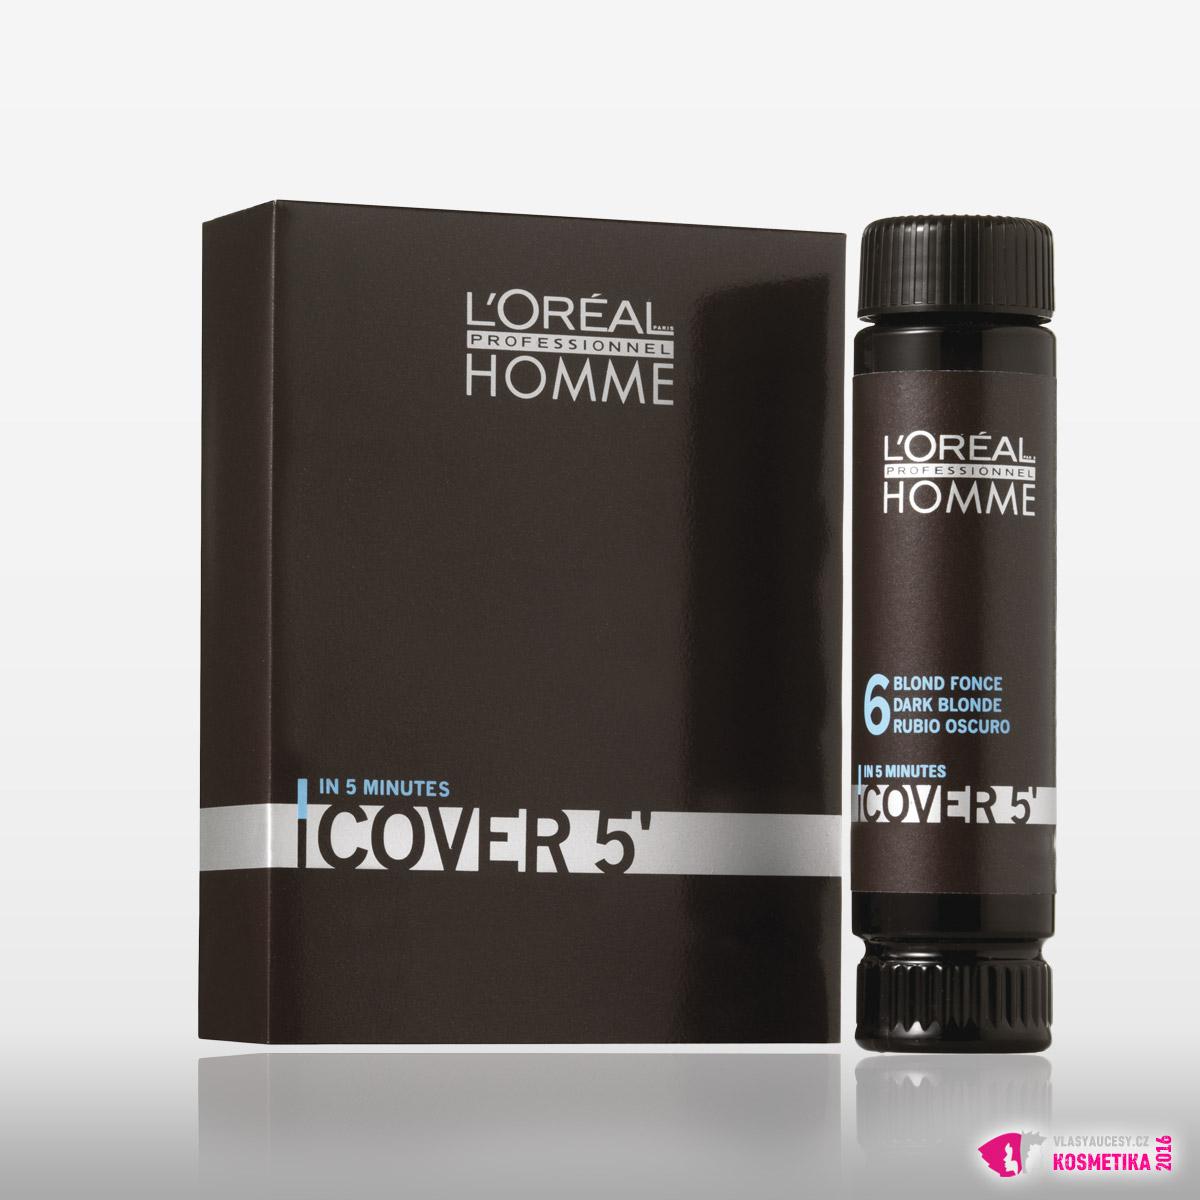 Gelová barva pro muže COVER 5 od L'Oréal Professionnel Homme je k dostání exkluzivně v Salonech Expert L'Oréal Professionnel